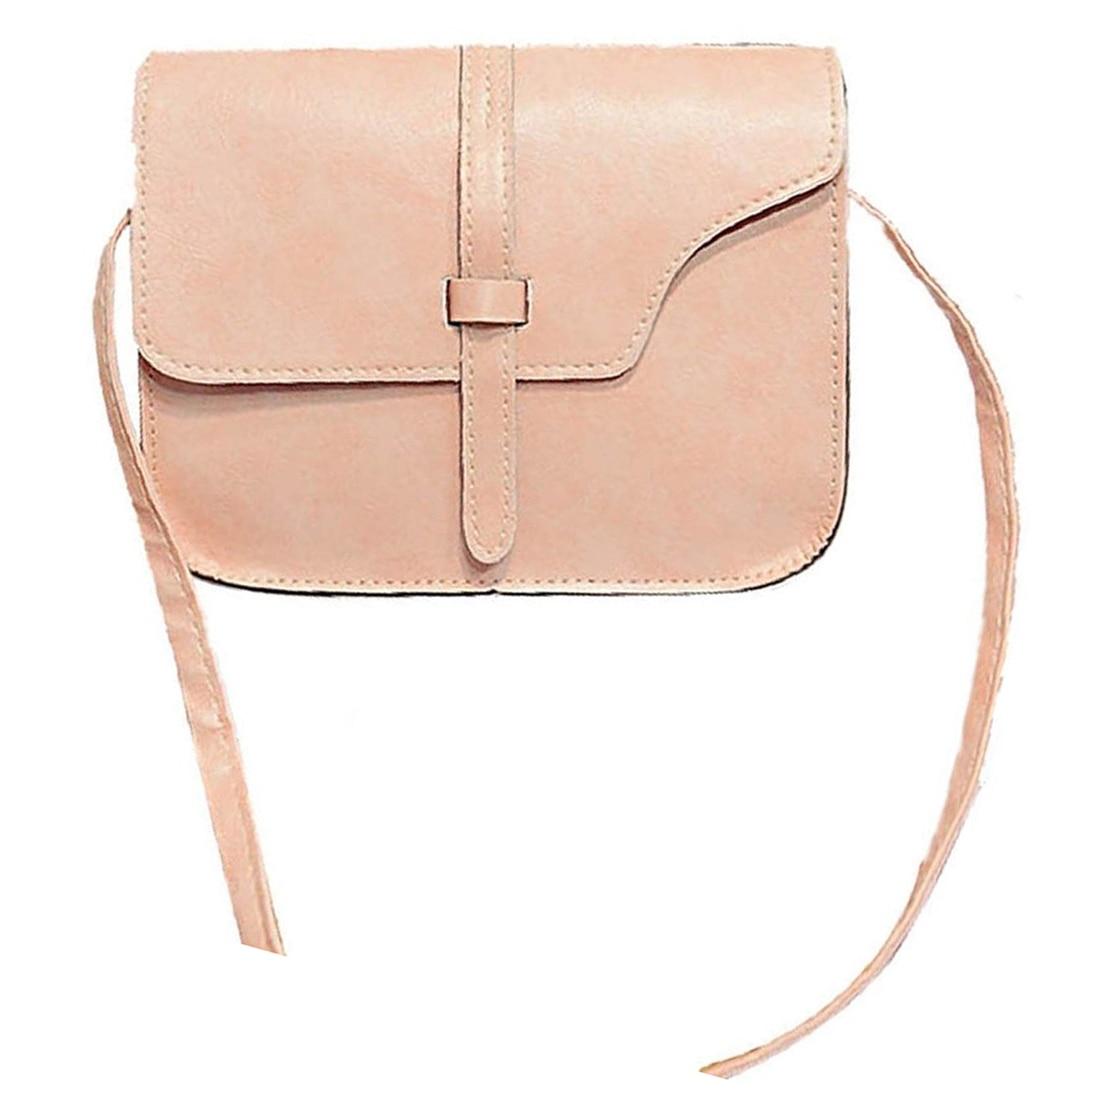 5 шт. из Для женщин девушка сумка Портфели Искусственная кожа Crossbody Сумка Розовый